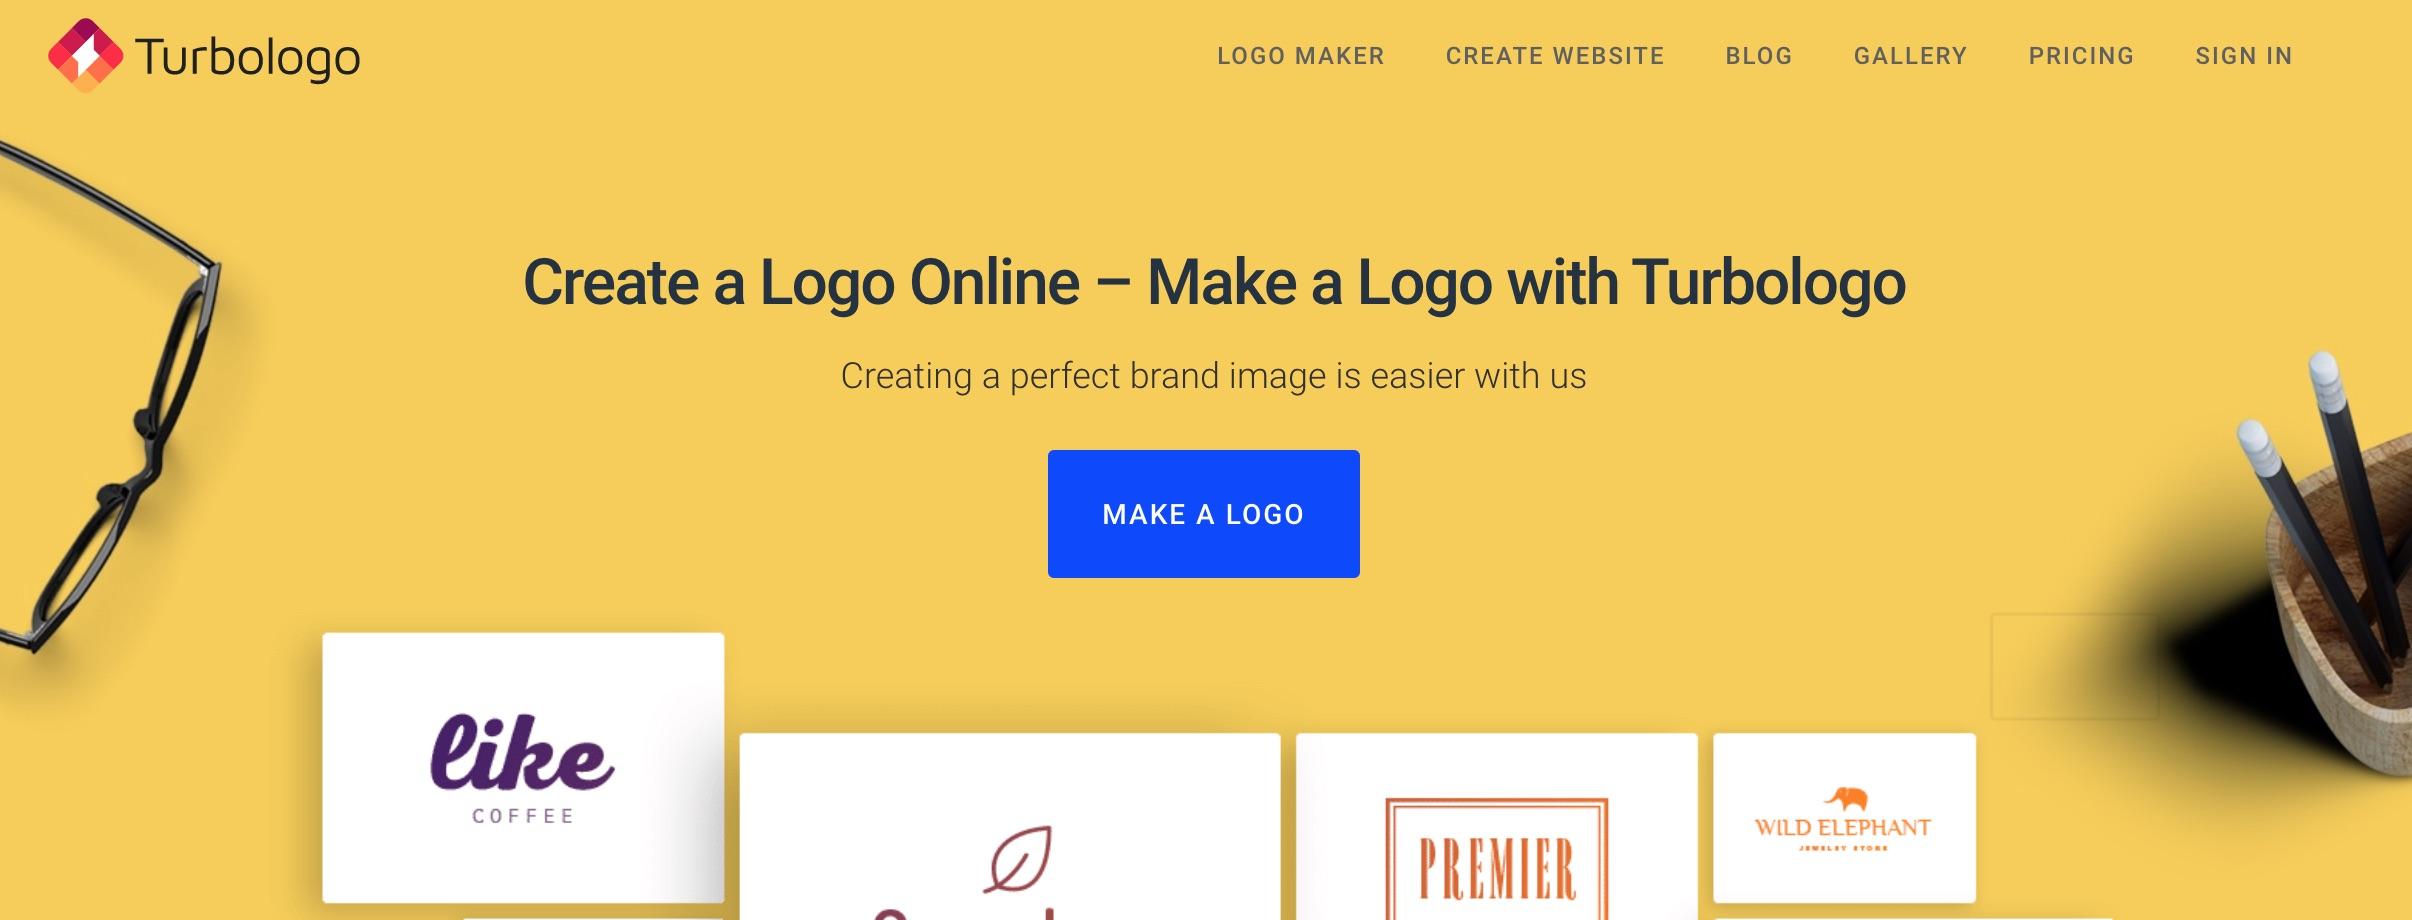 Turbologo, creador de logotipos